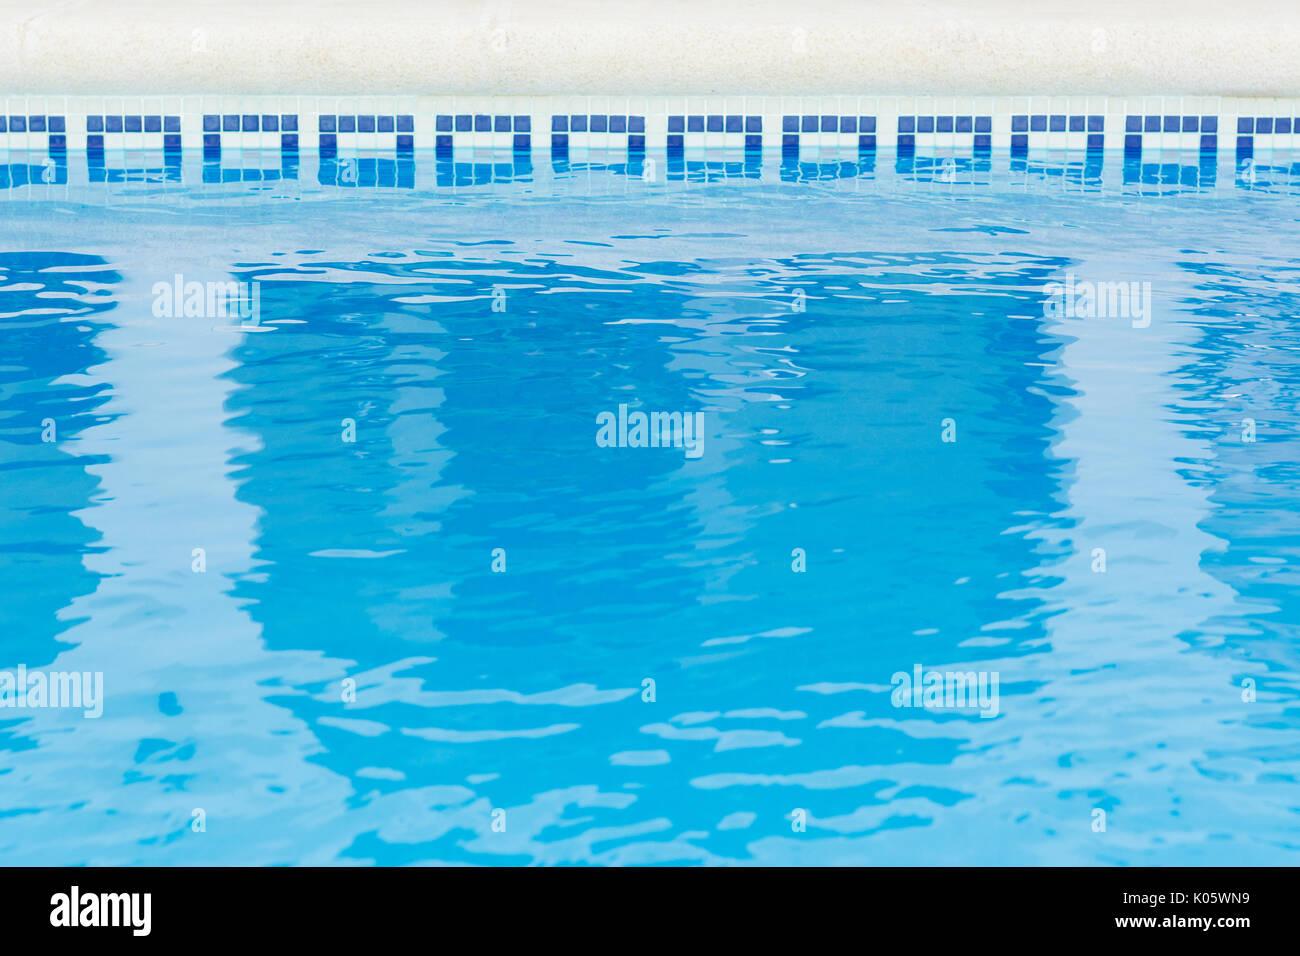 Schwimmbad in Spanisch urlaub villa Hintergrund Stockbild